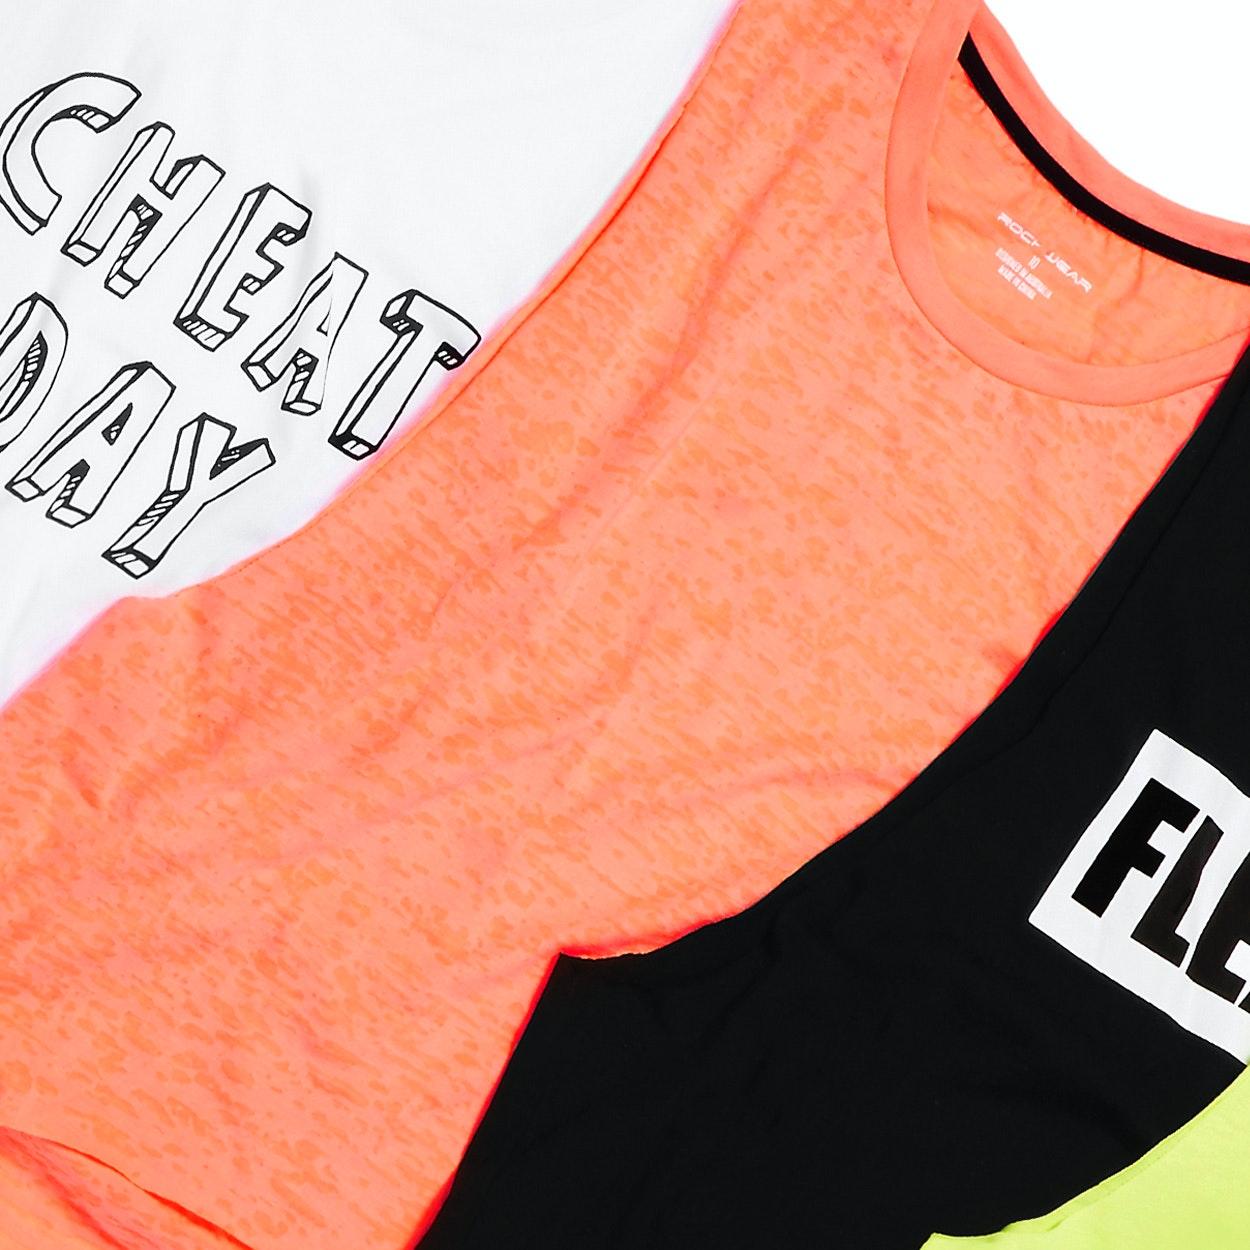 Shop 2 for $50 - Rockwear Women's Workout Tops